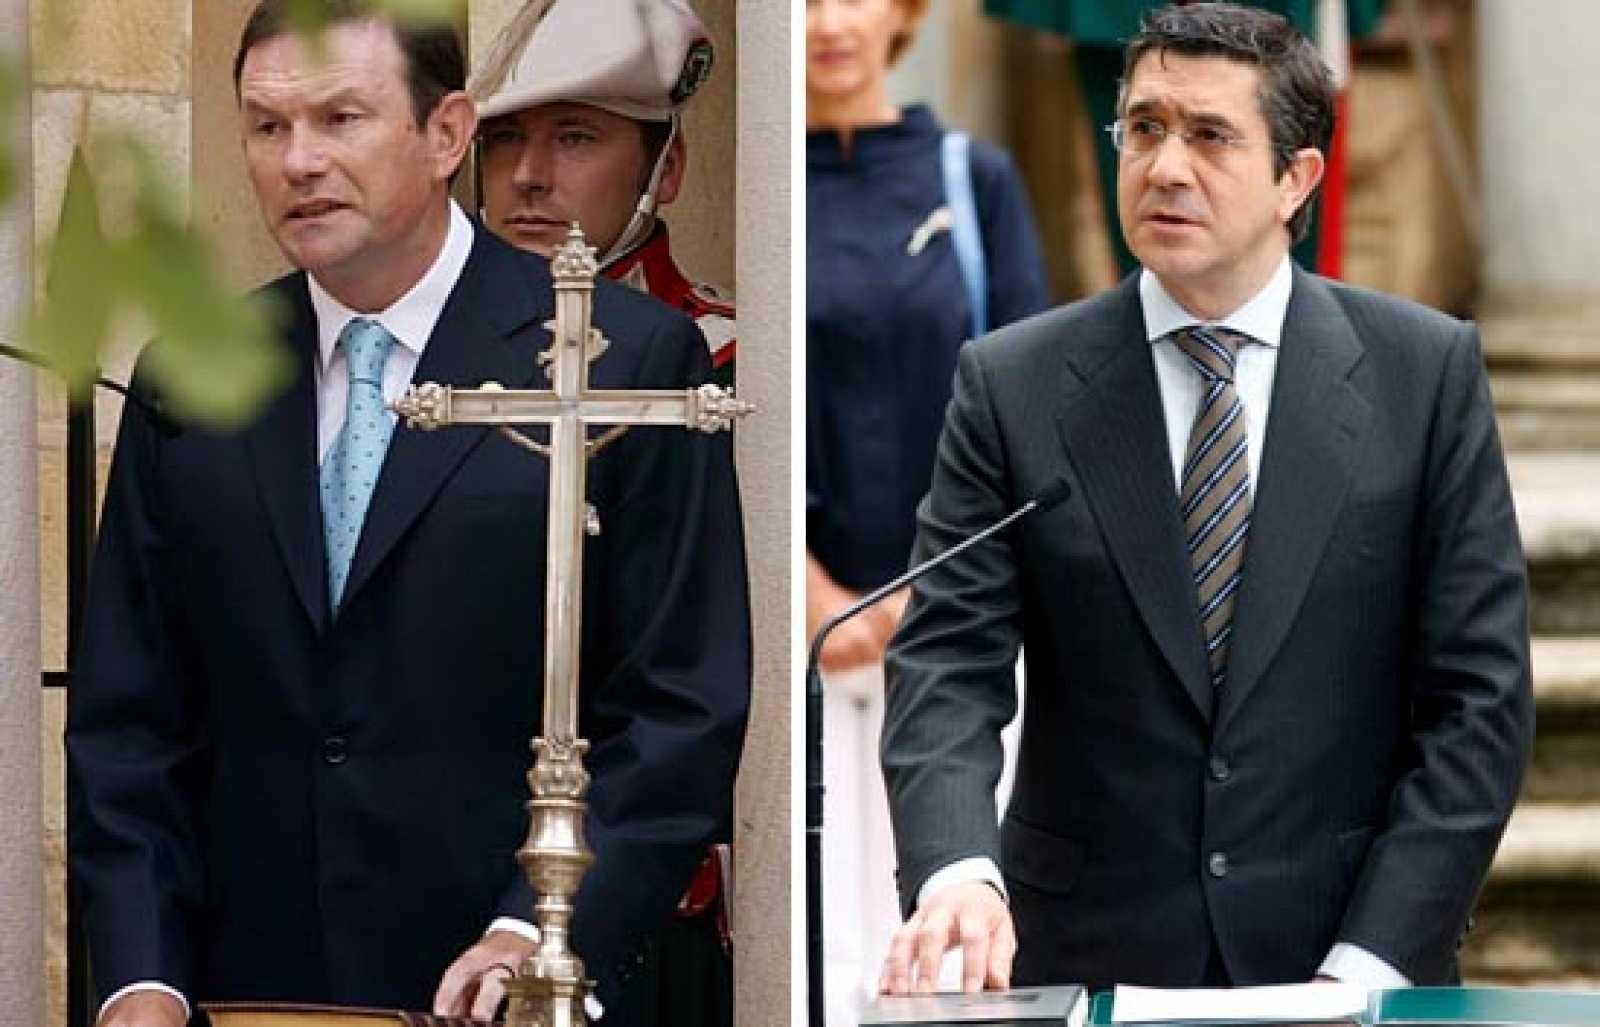 La toma de posesión de Juan José Ibarretxe hace cuatro años y la de Patxi López este jueves difirieron tanto en la ceremonia como en el contenido de su juramento.